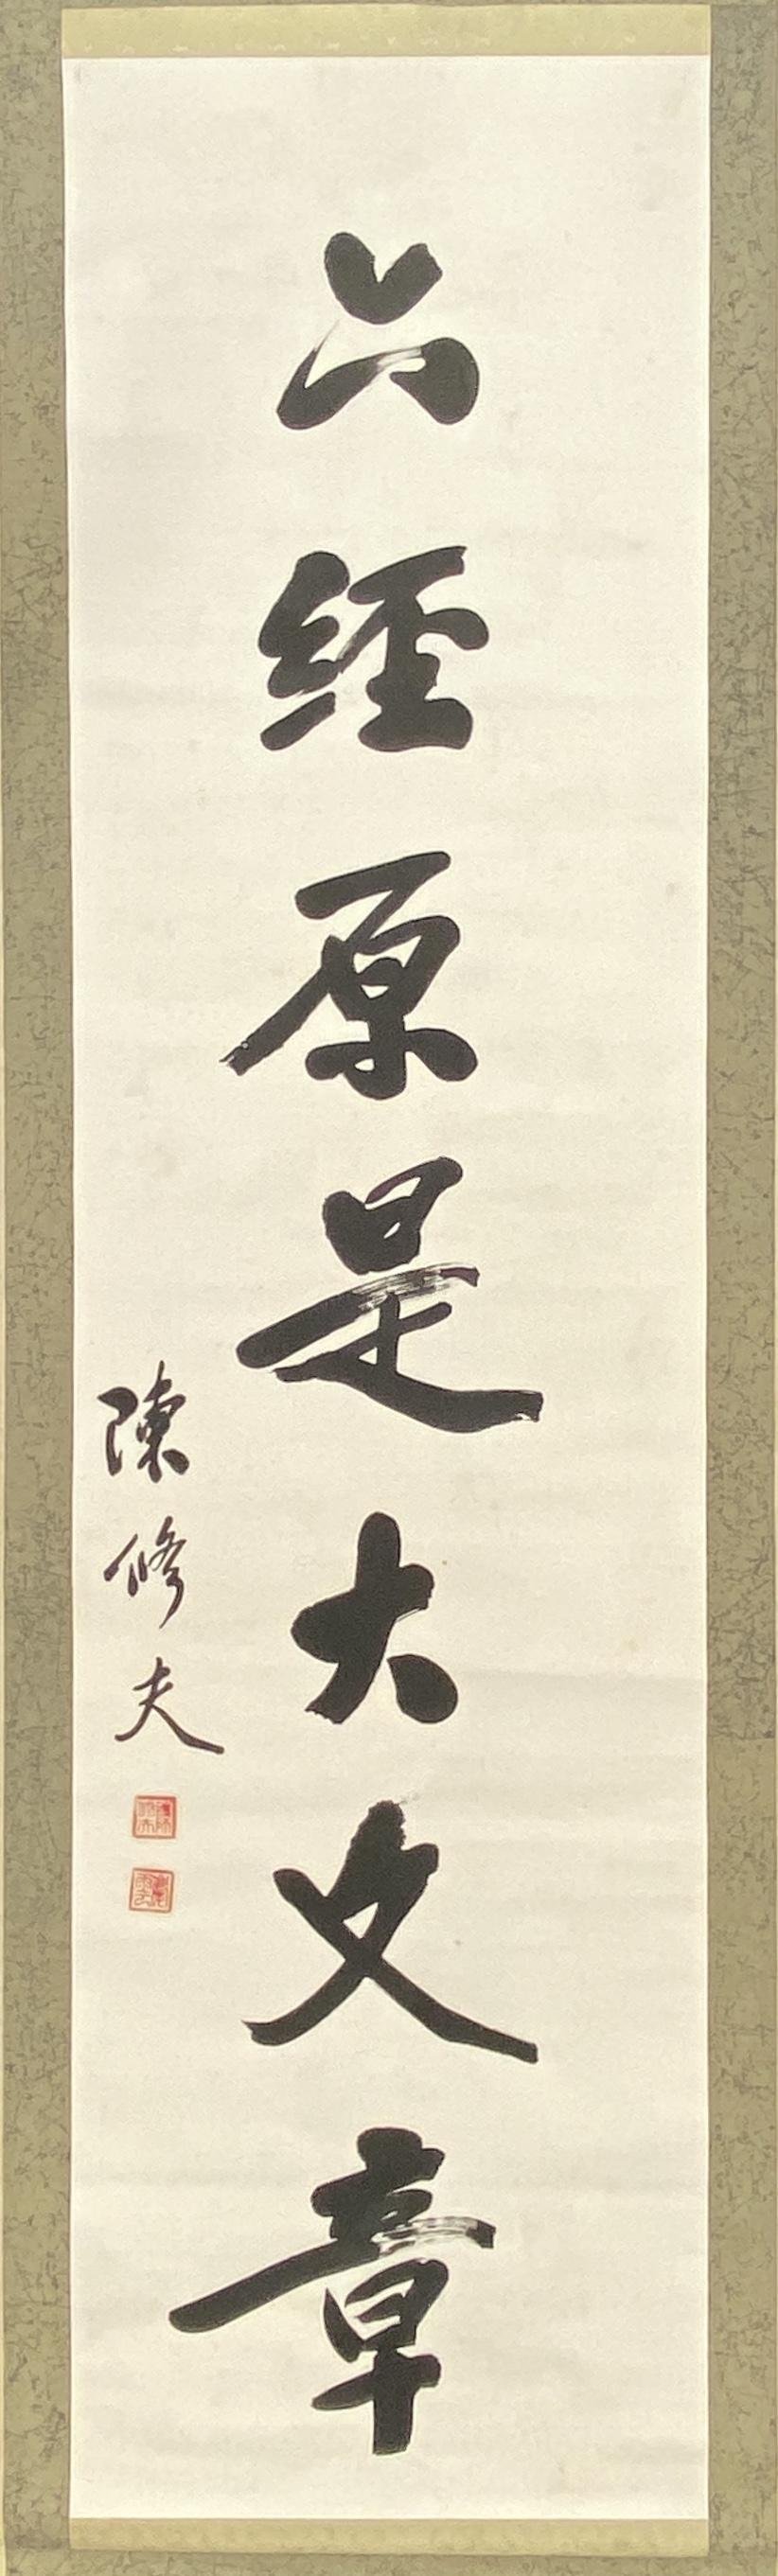 20585「陳修夫」行書 軸等 計2件170×44cm他